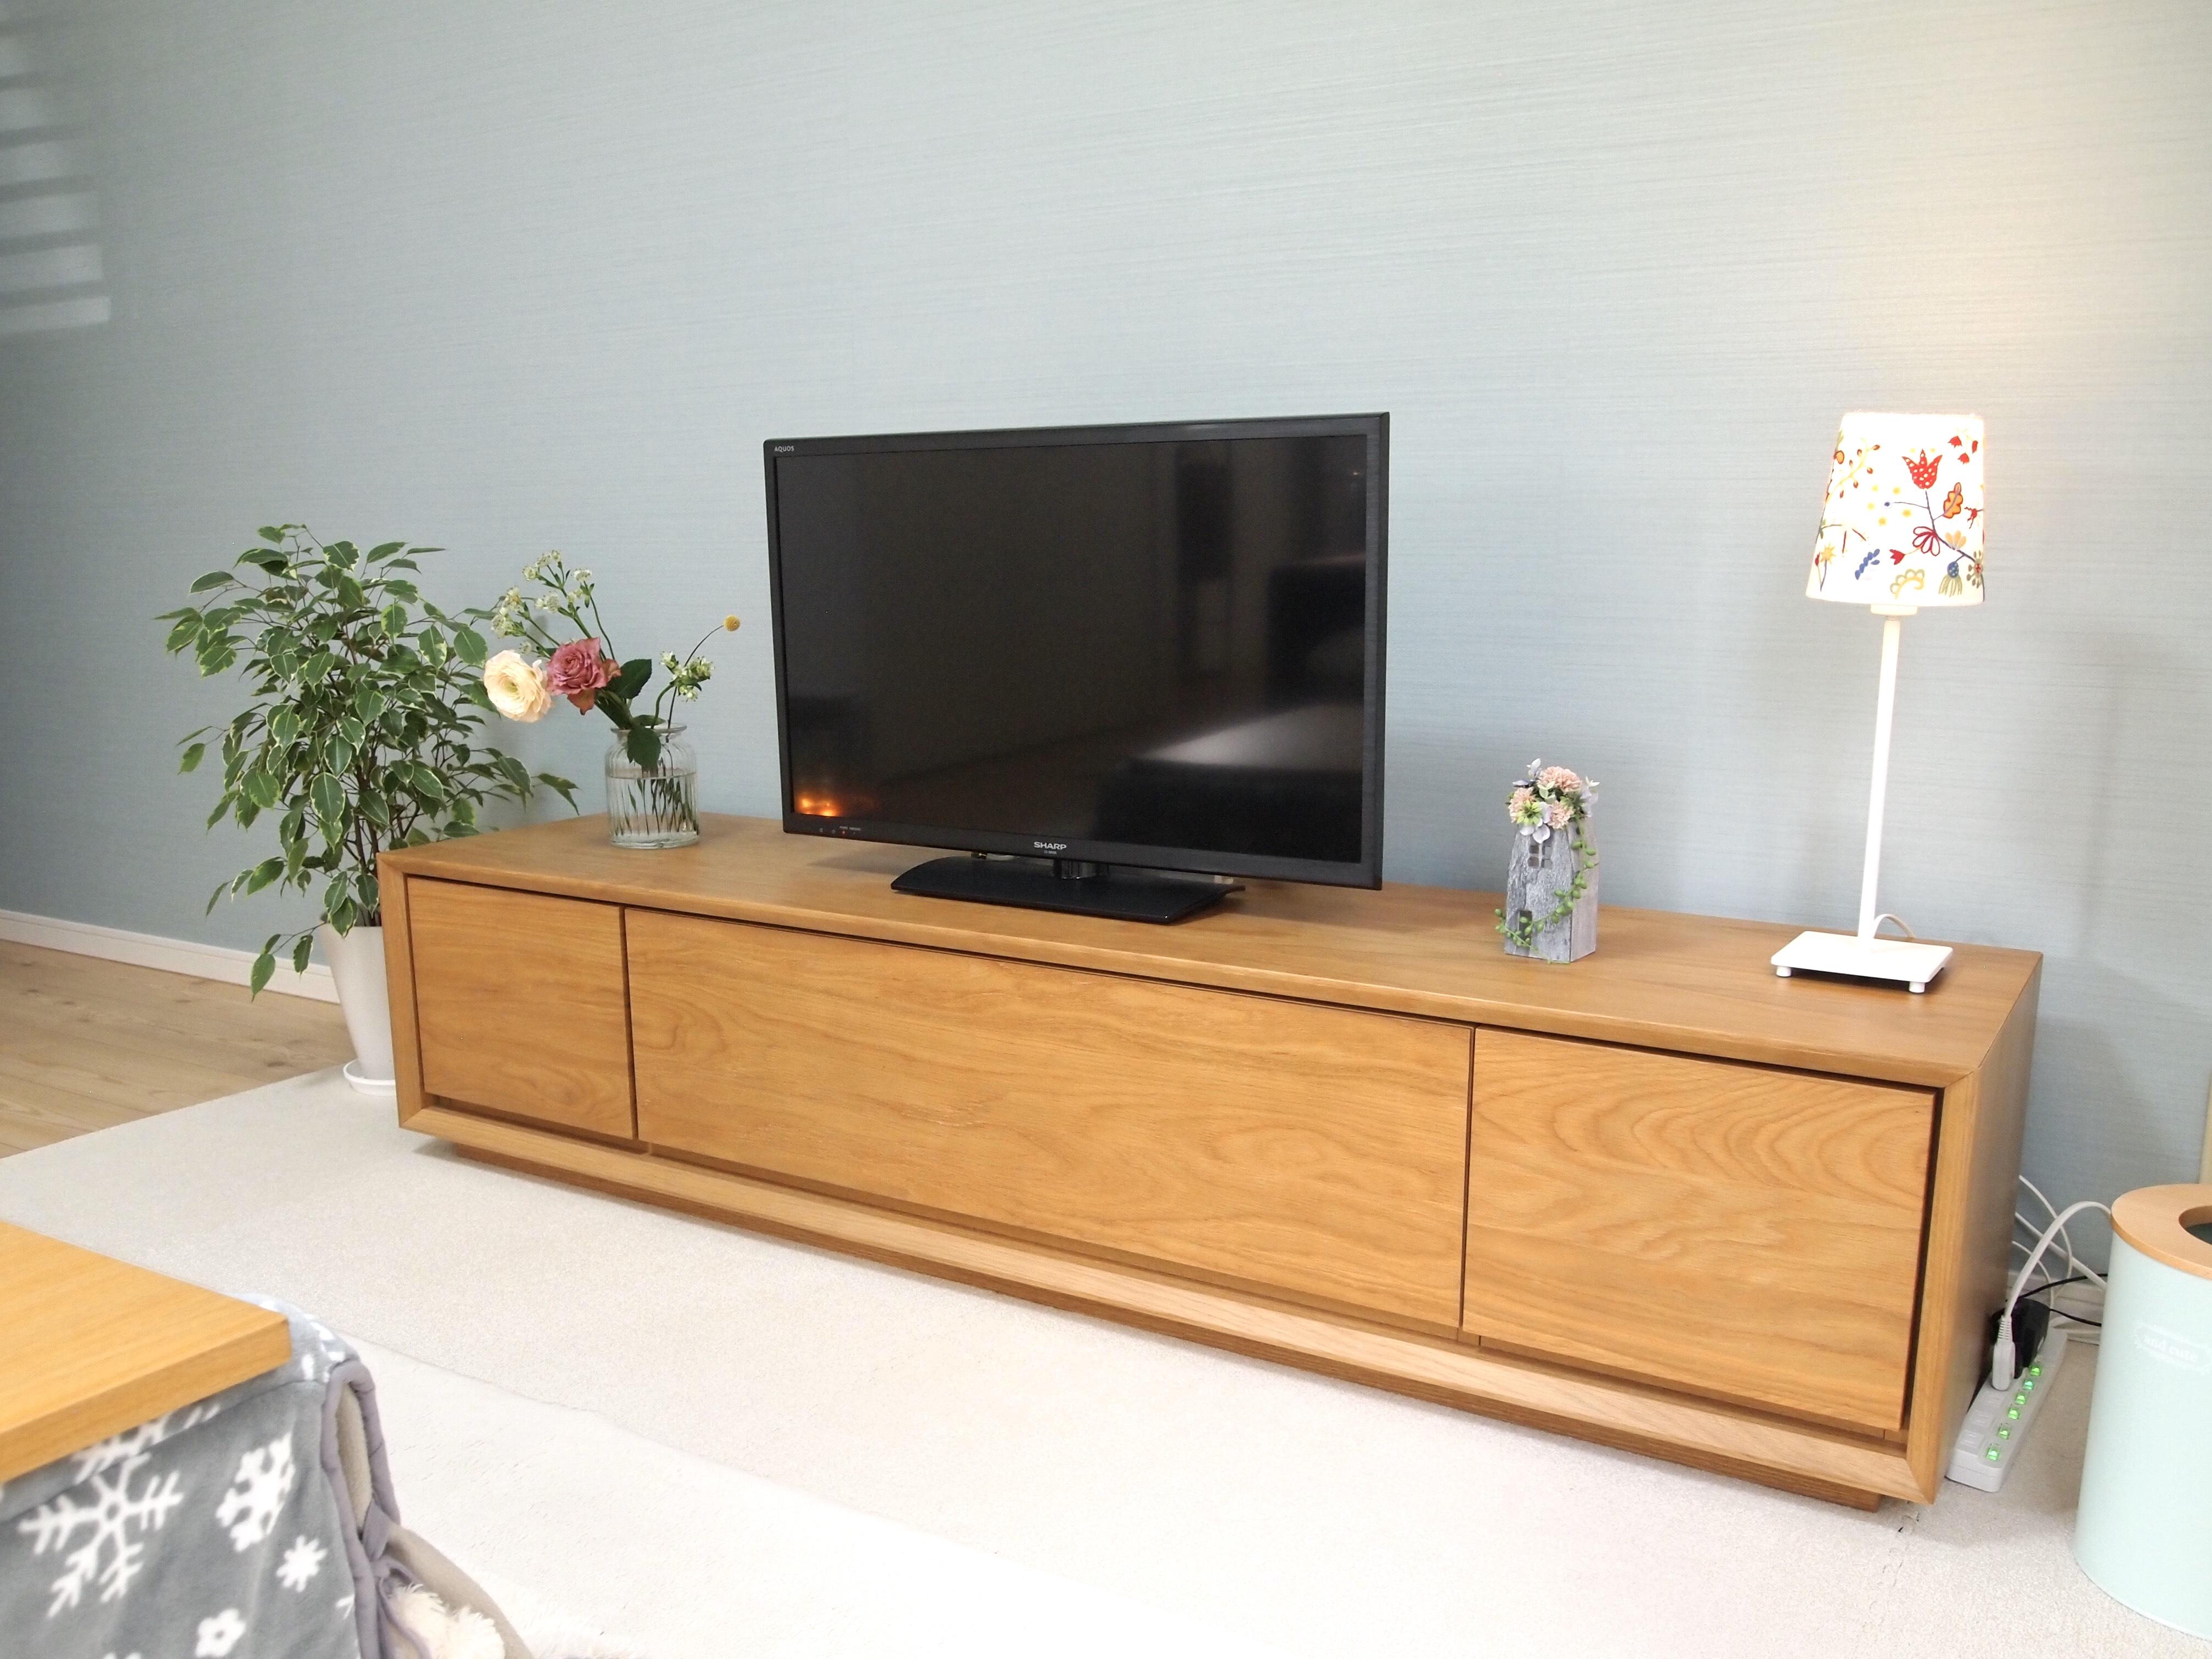 「あらゆる角度で良い仕事をする、ナチュラルなテレビボード」 by hitomiさん